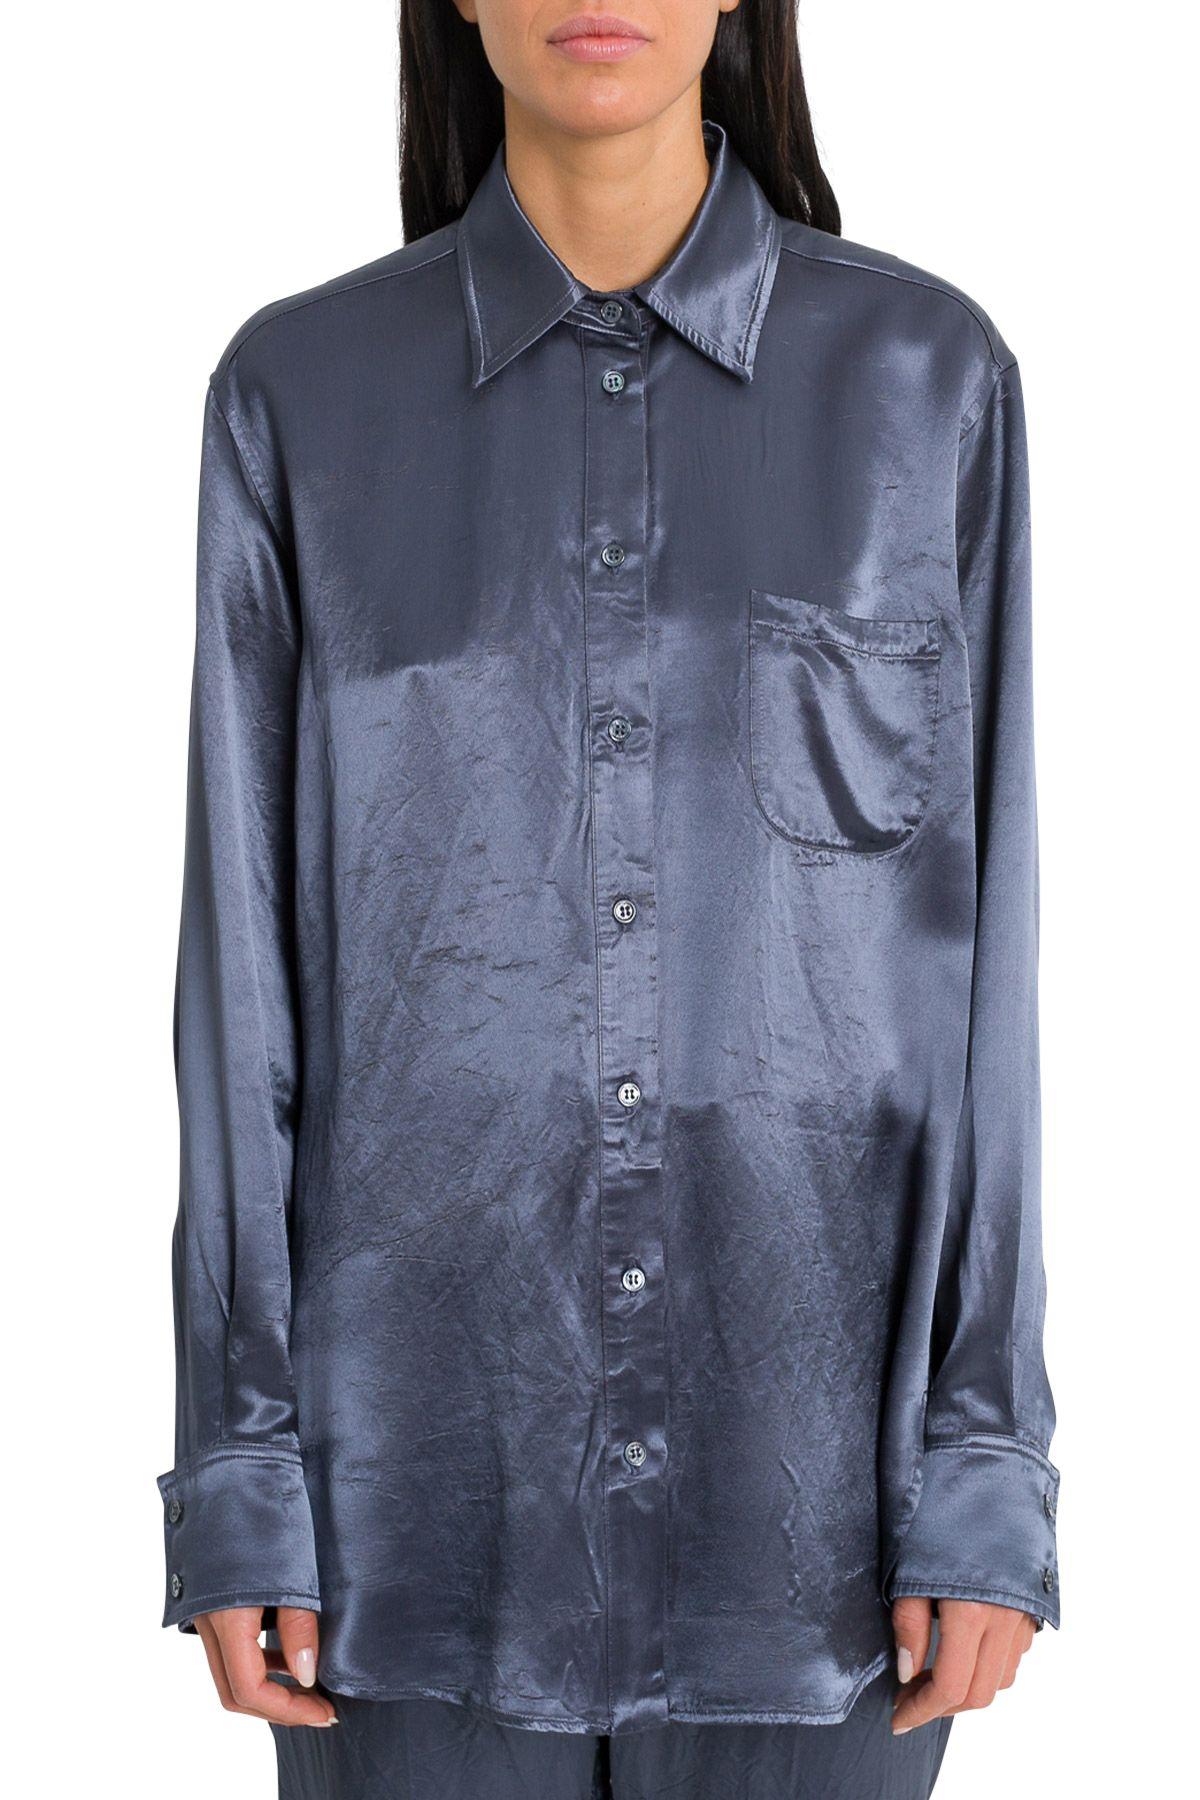 Sies Marjan Sies Marjan Sander Washed Satin Shirt